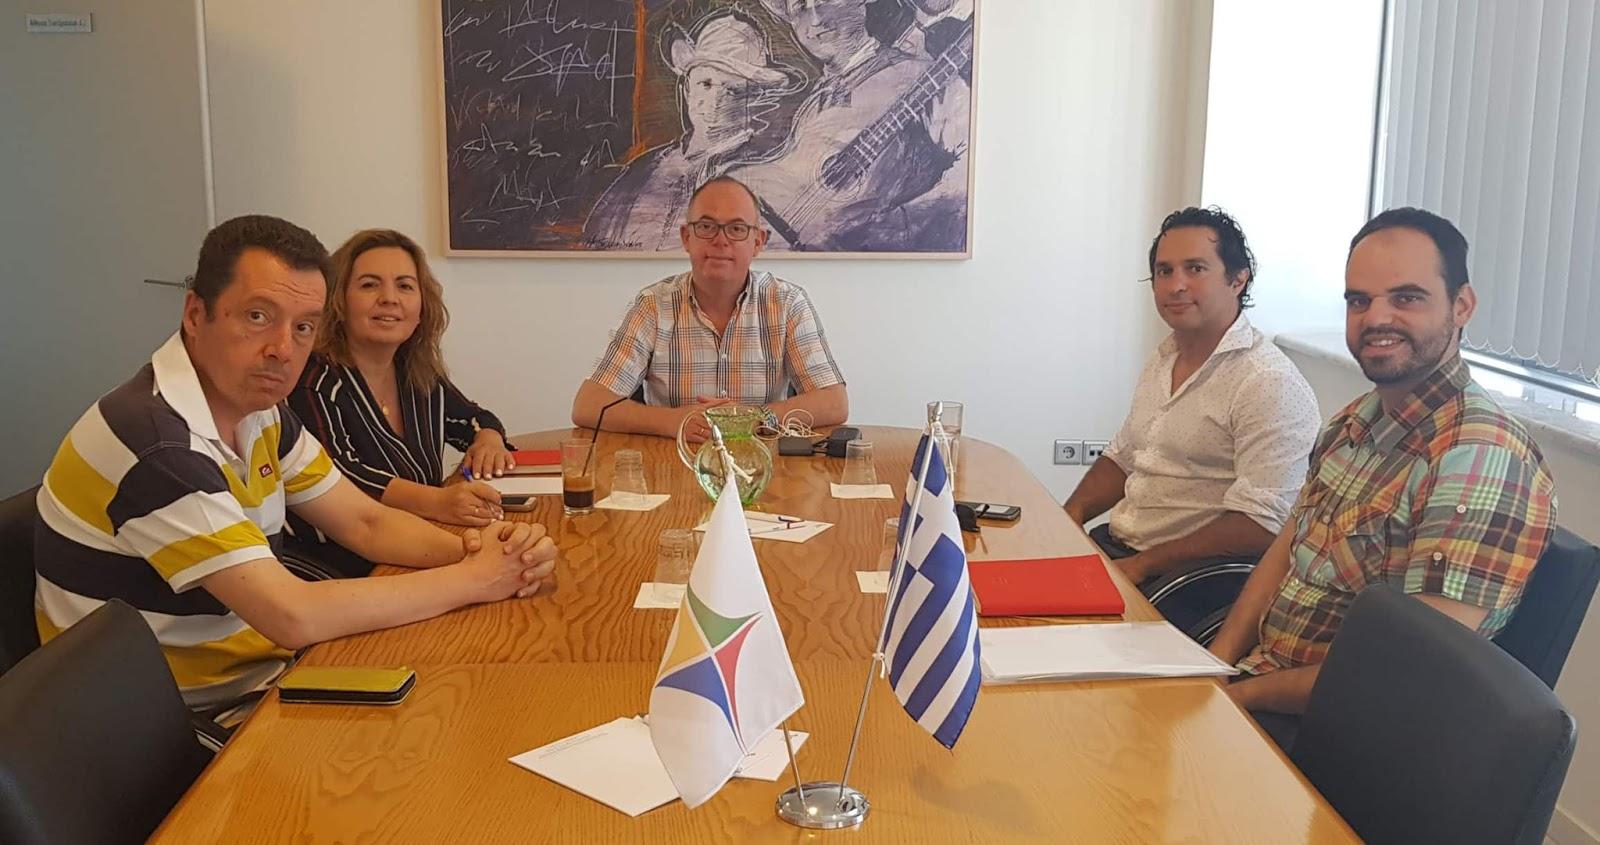 Συνάντηση της Διοίκησης του ΣΘΕΒ με τον πρόεδρο του Οικονομικού Επιμελητηρίου Θεσσαλίας